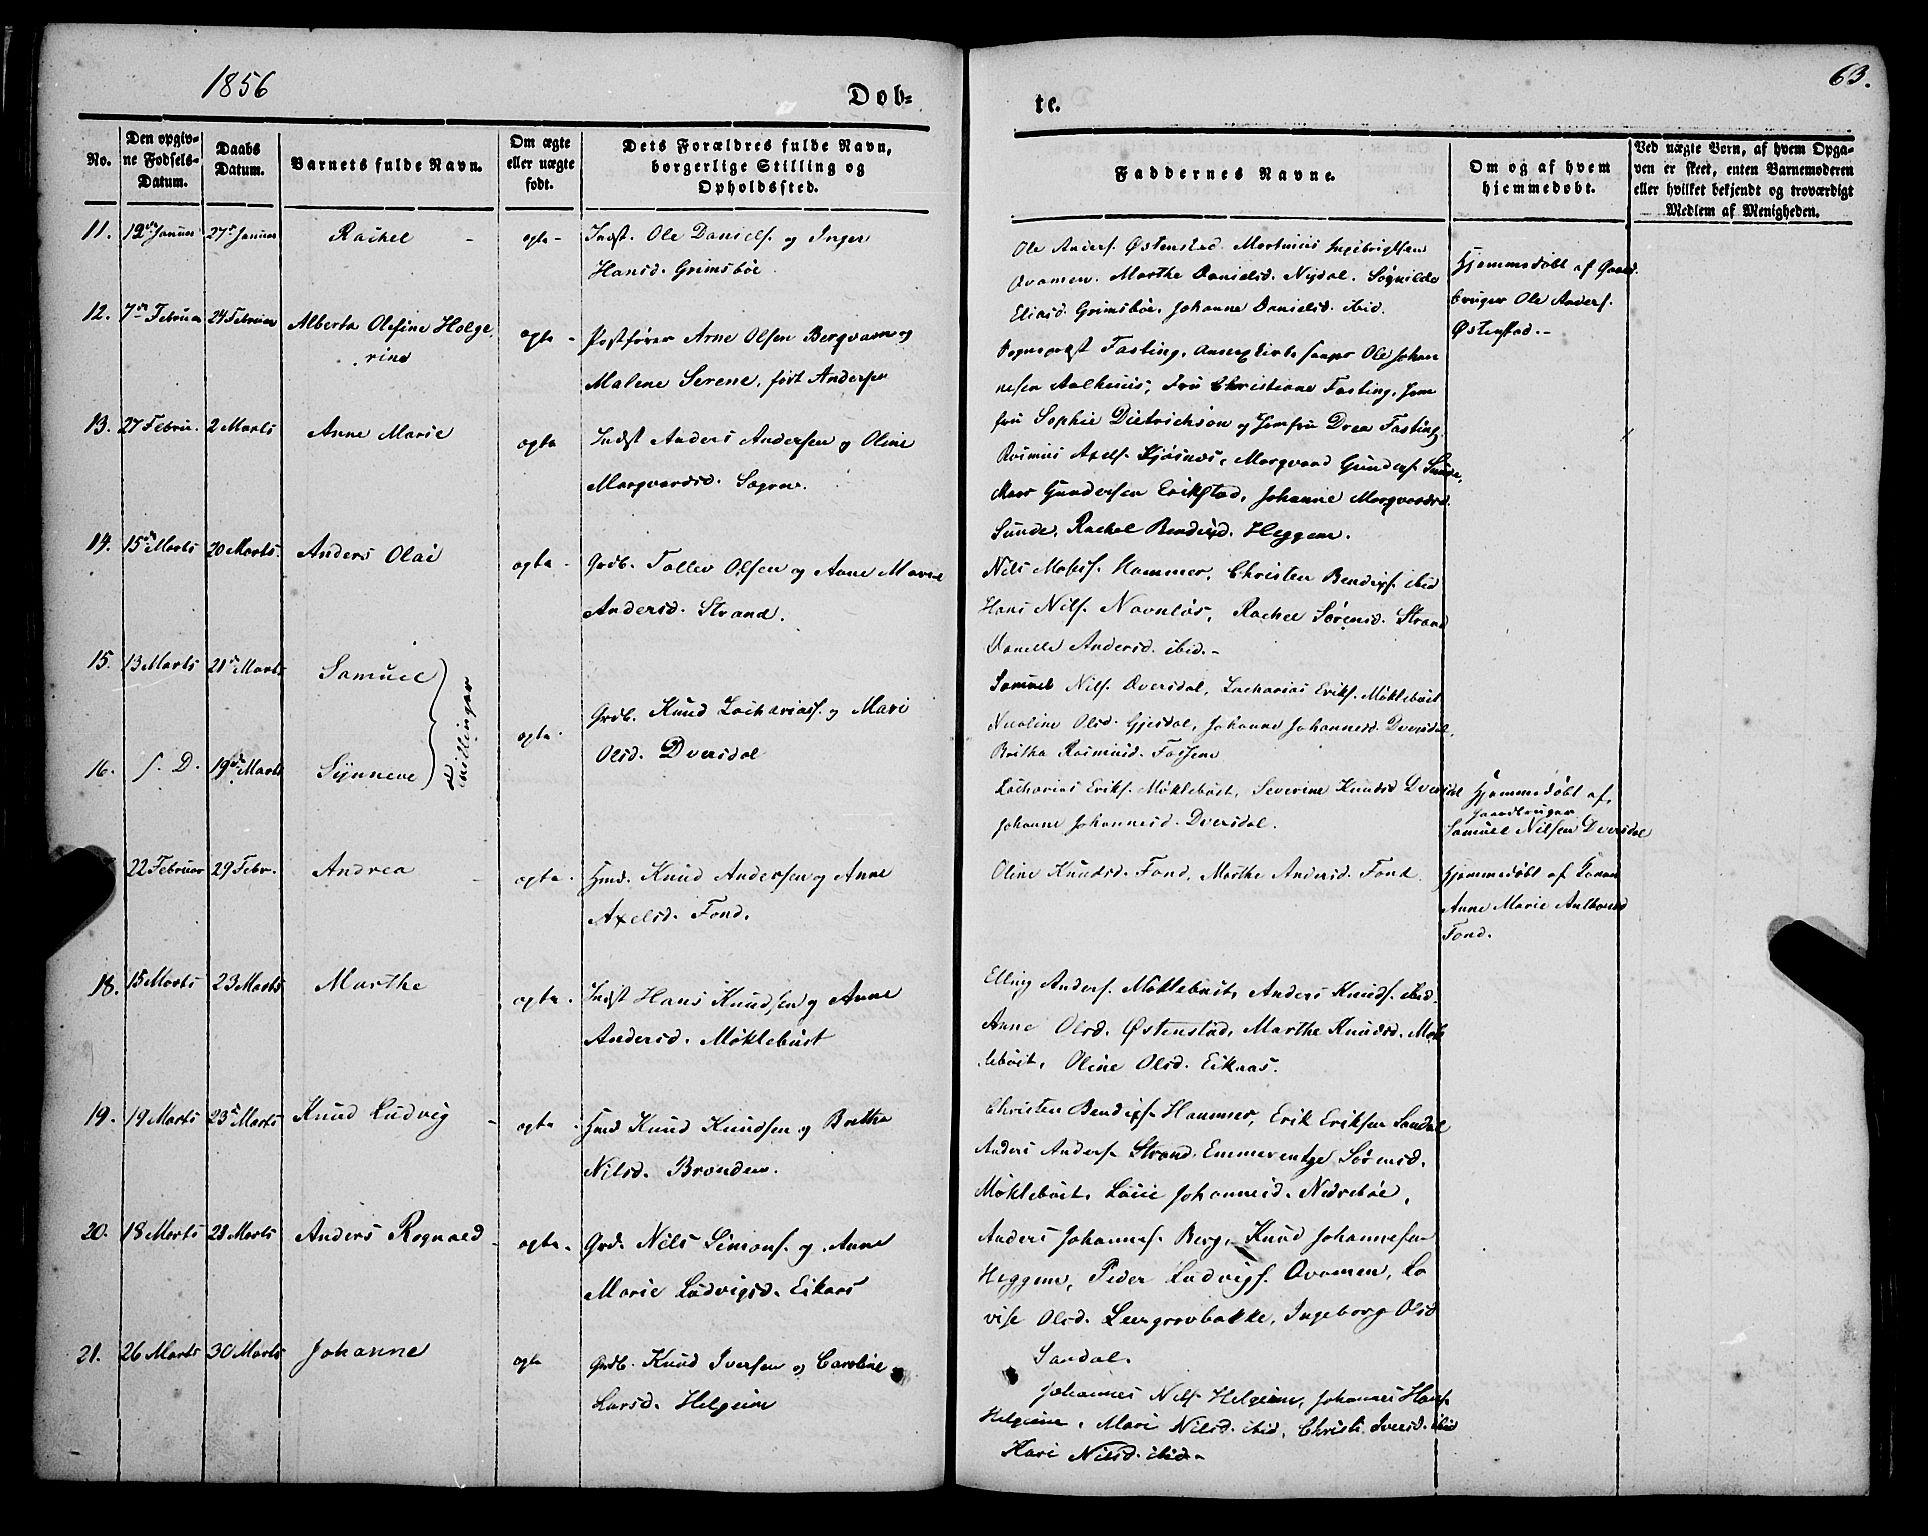 SAB, Jølster sokneprestembete, H/Haa/Haaa/L0010: Ministerialbok nr. A 10, 1847-1865, s. 63